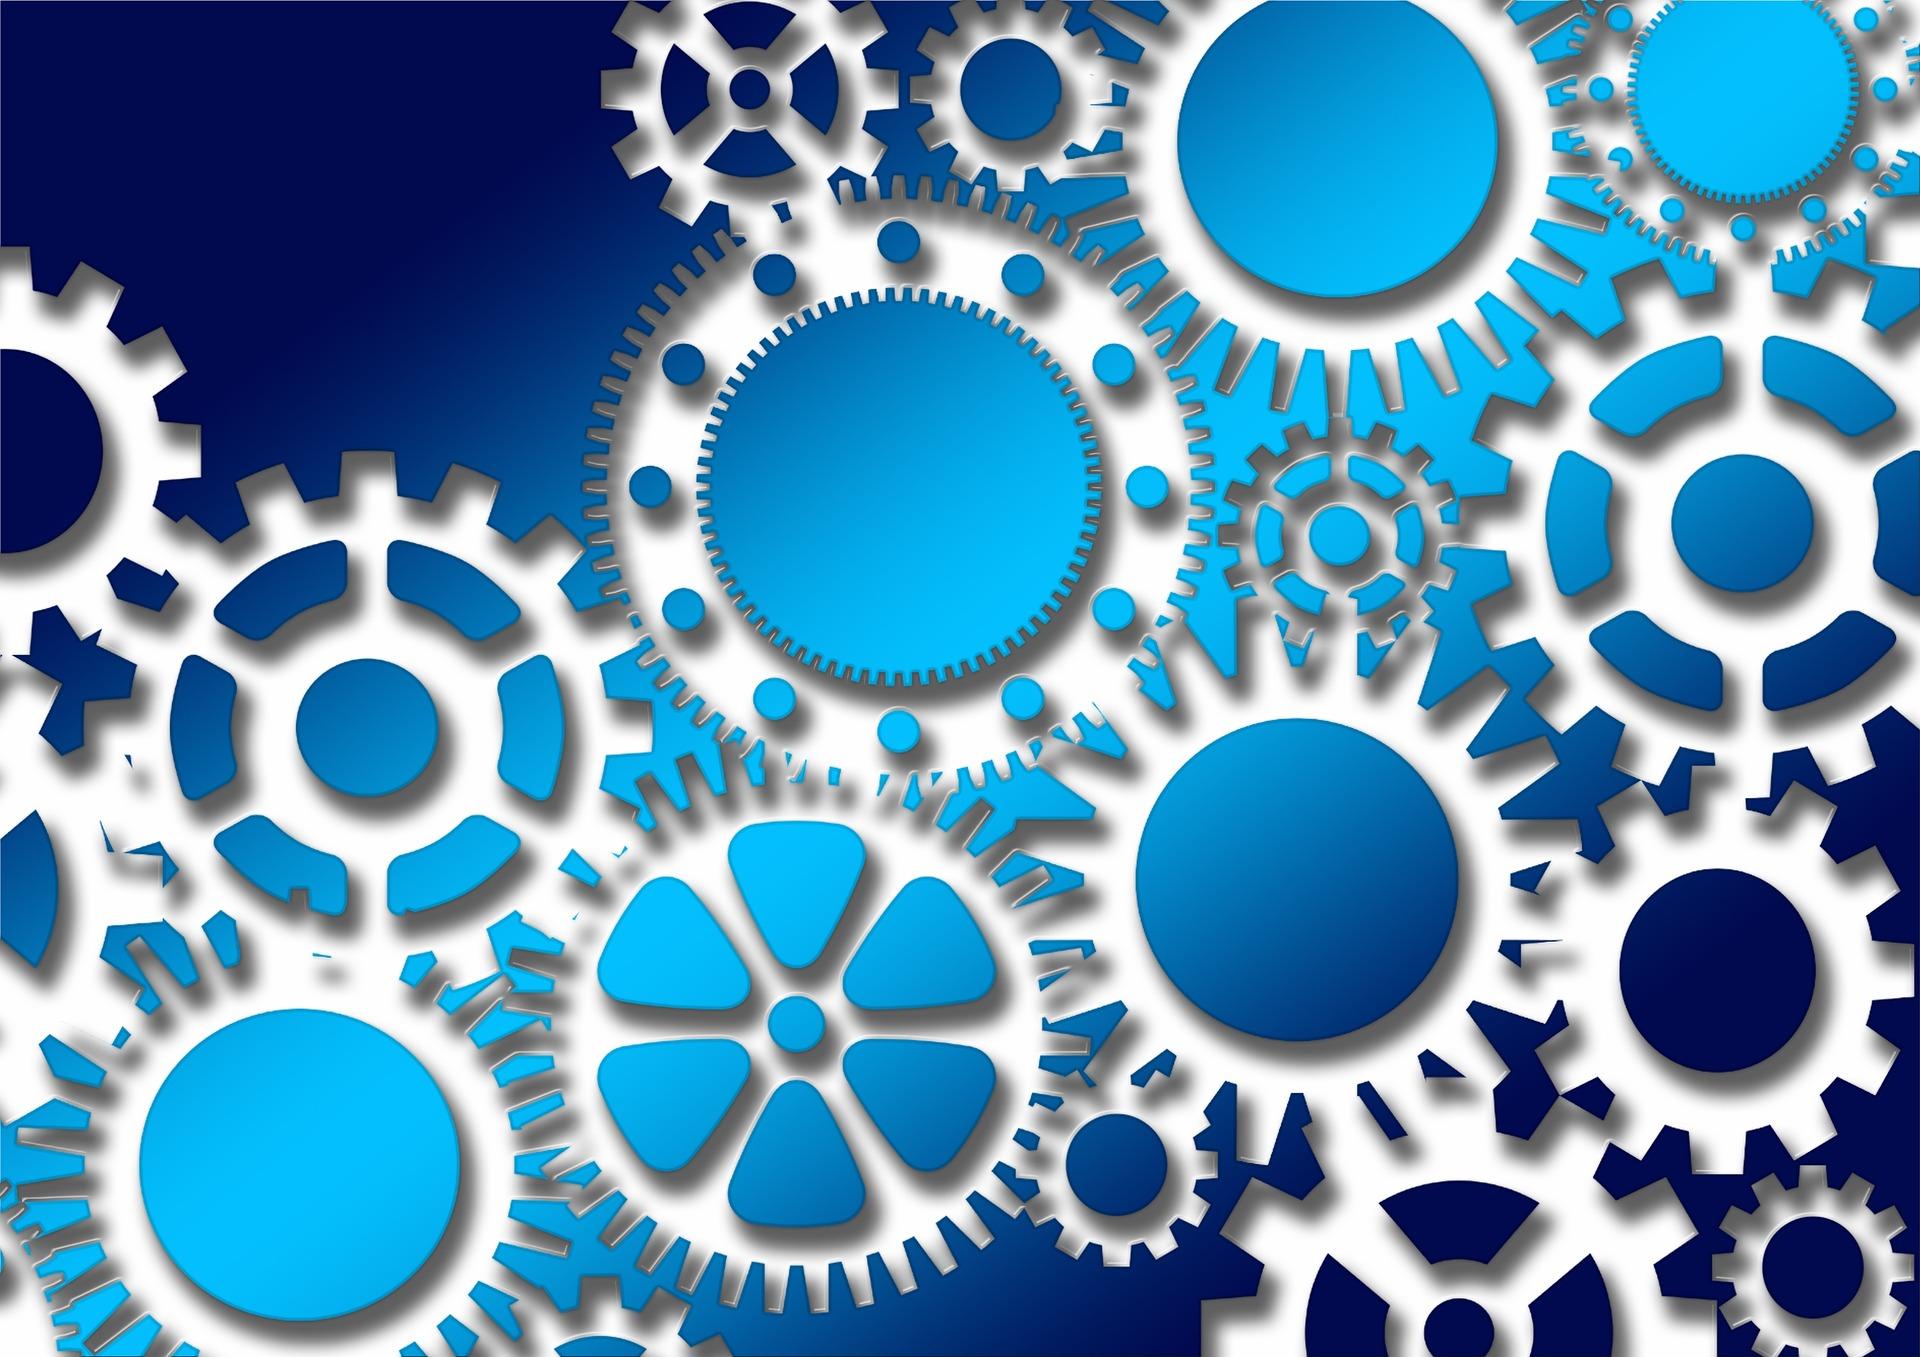 gears-936725_1920.jpg